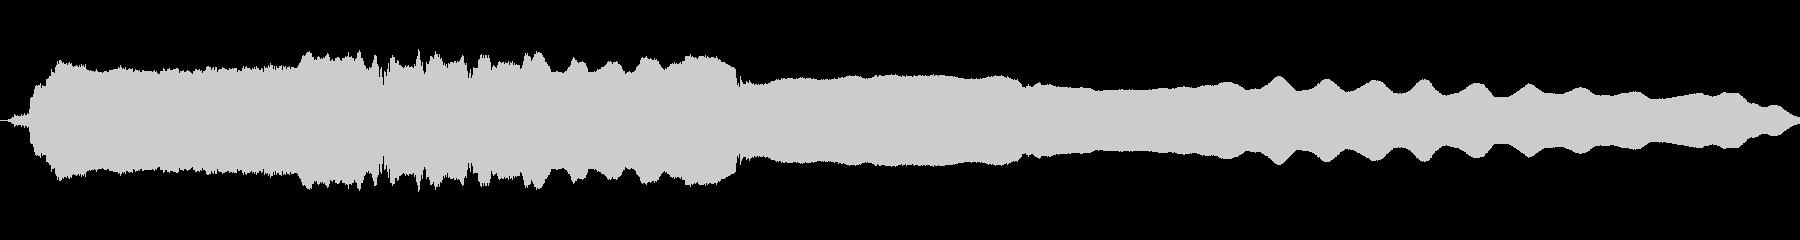 こぶし03(B)の未再生の波形